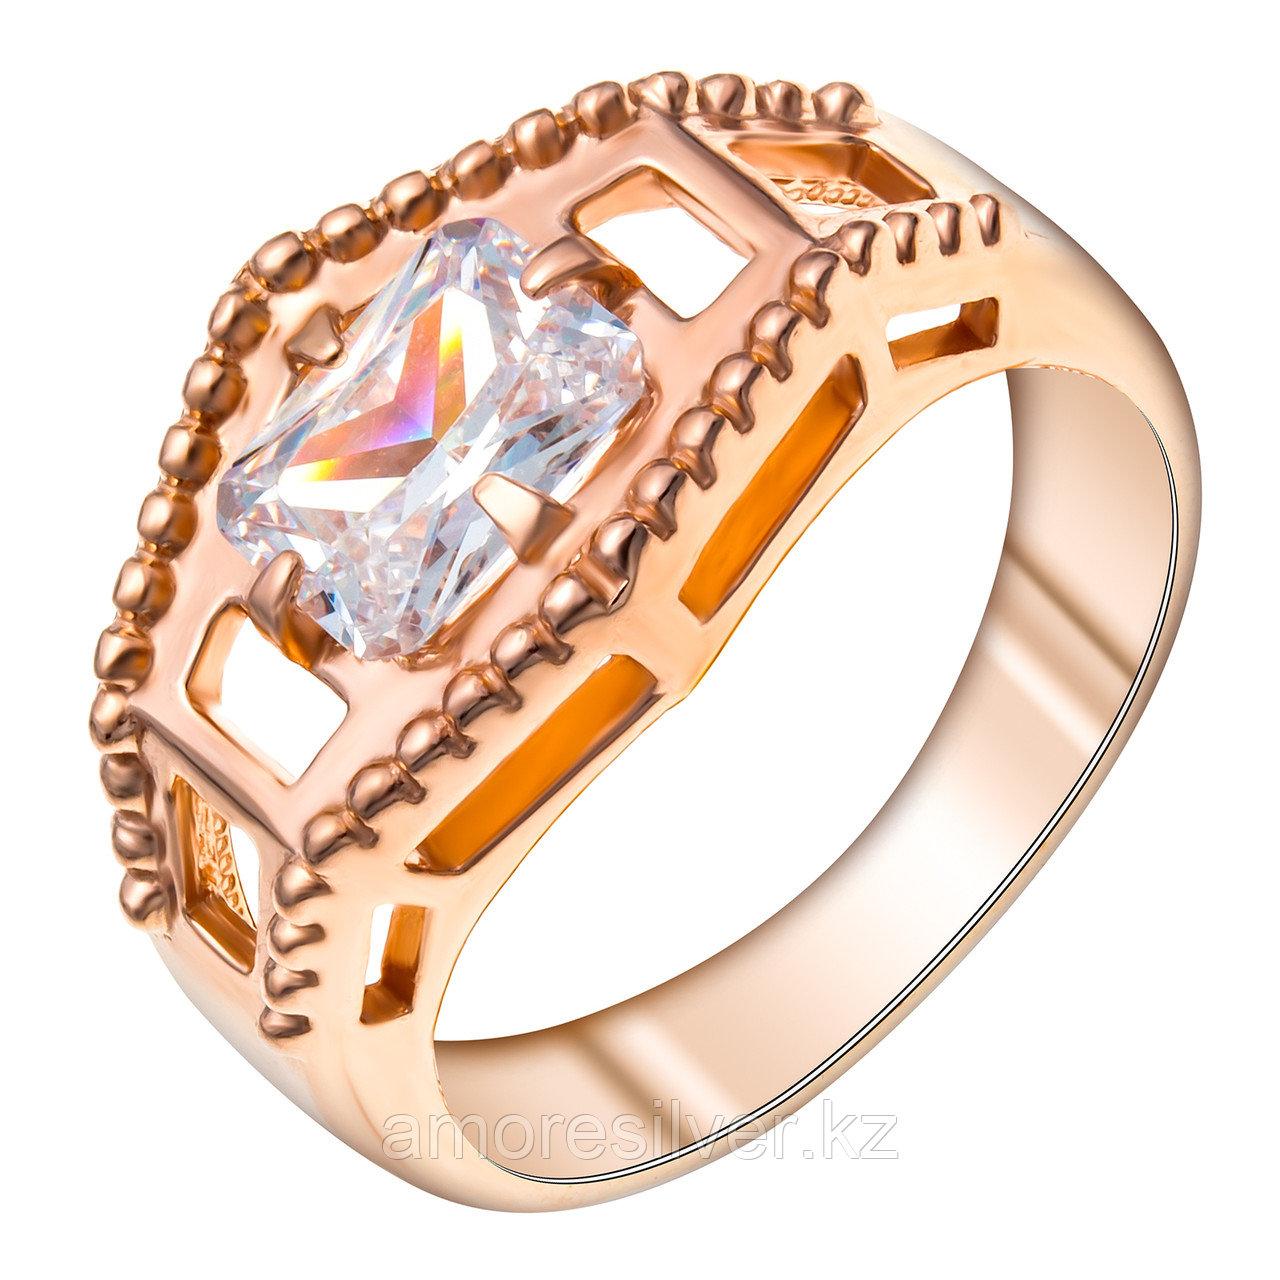 Кольцо Красная Пресня серебро с позолотой, фианит, геометрия 2388043